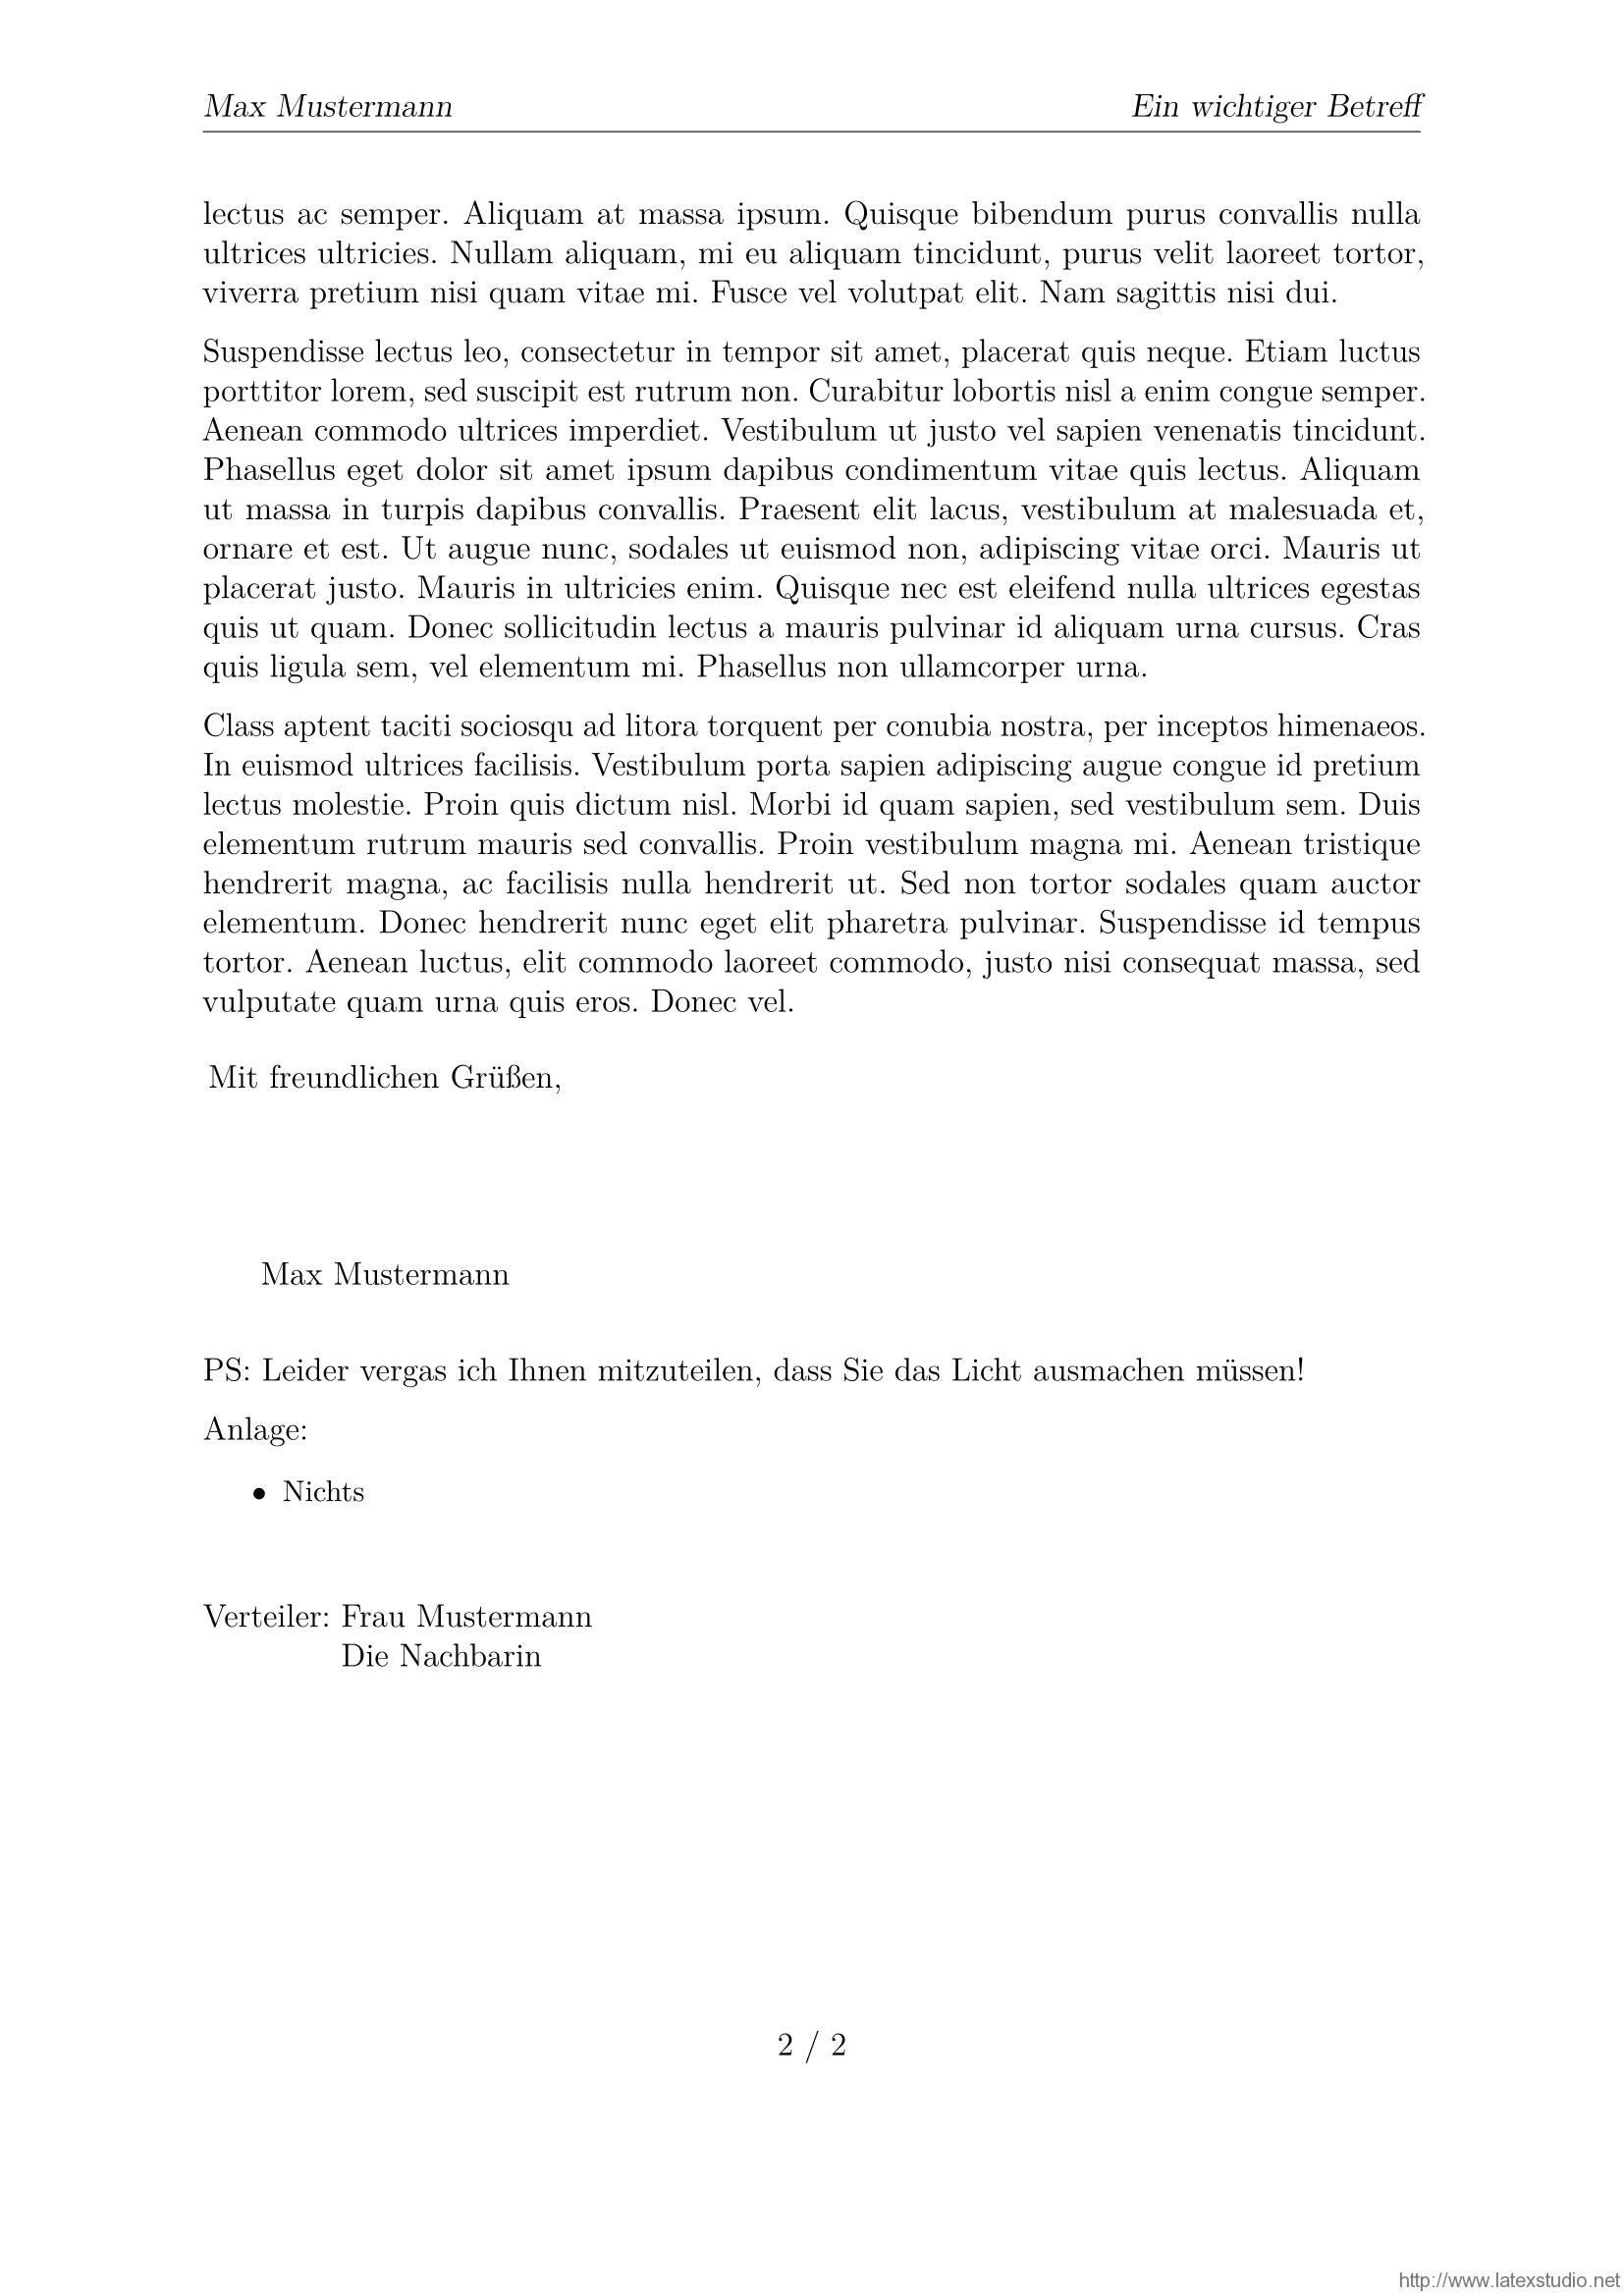 lettermessage-2